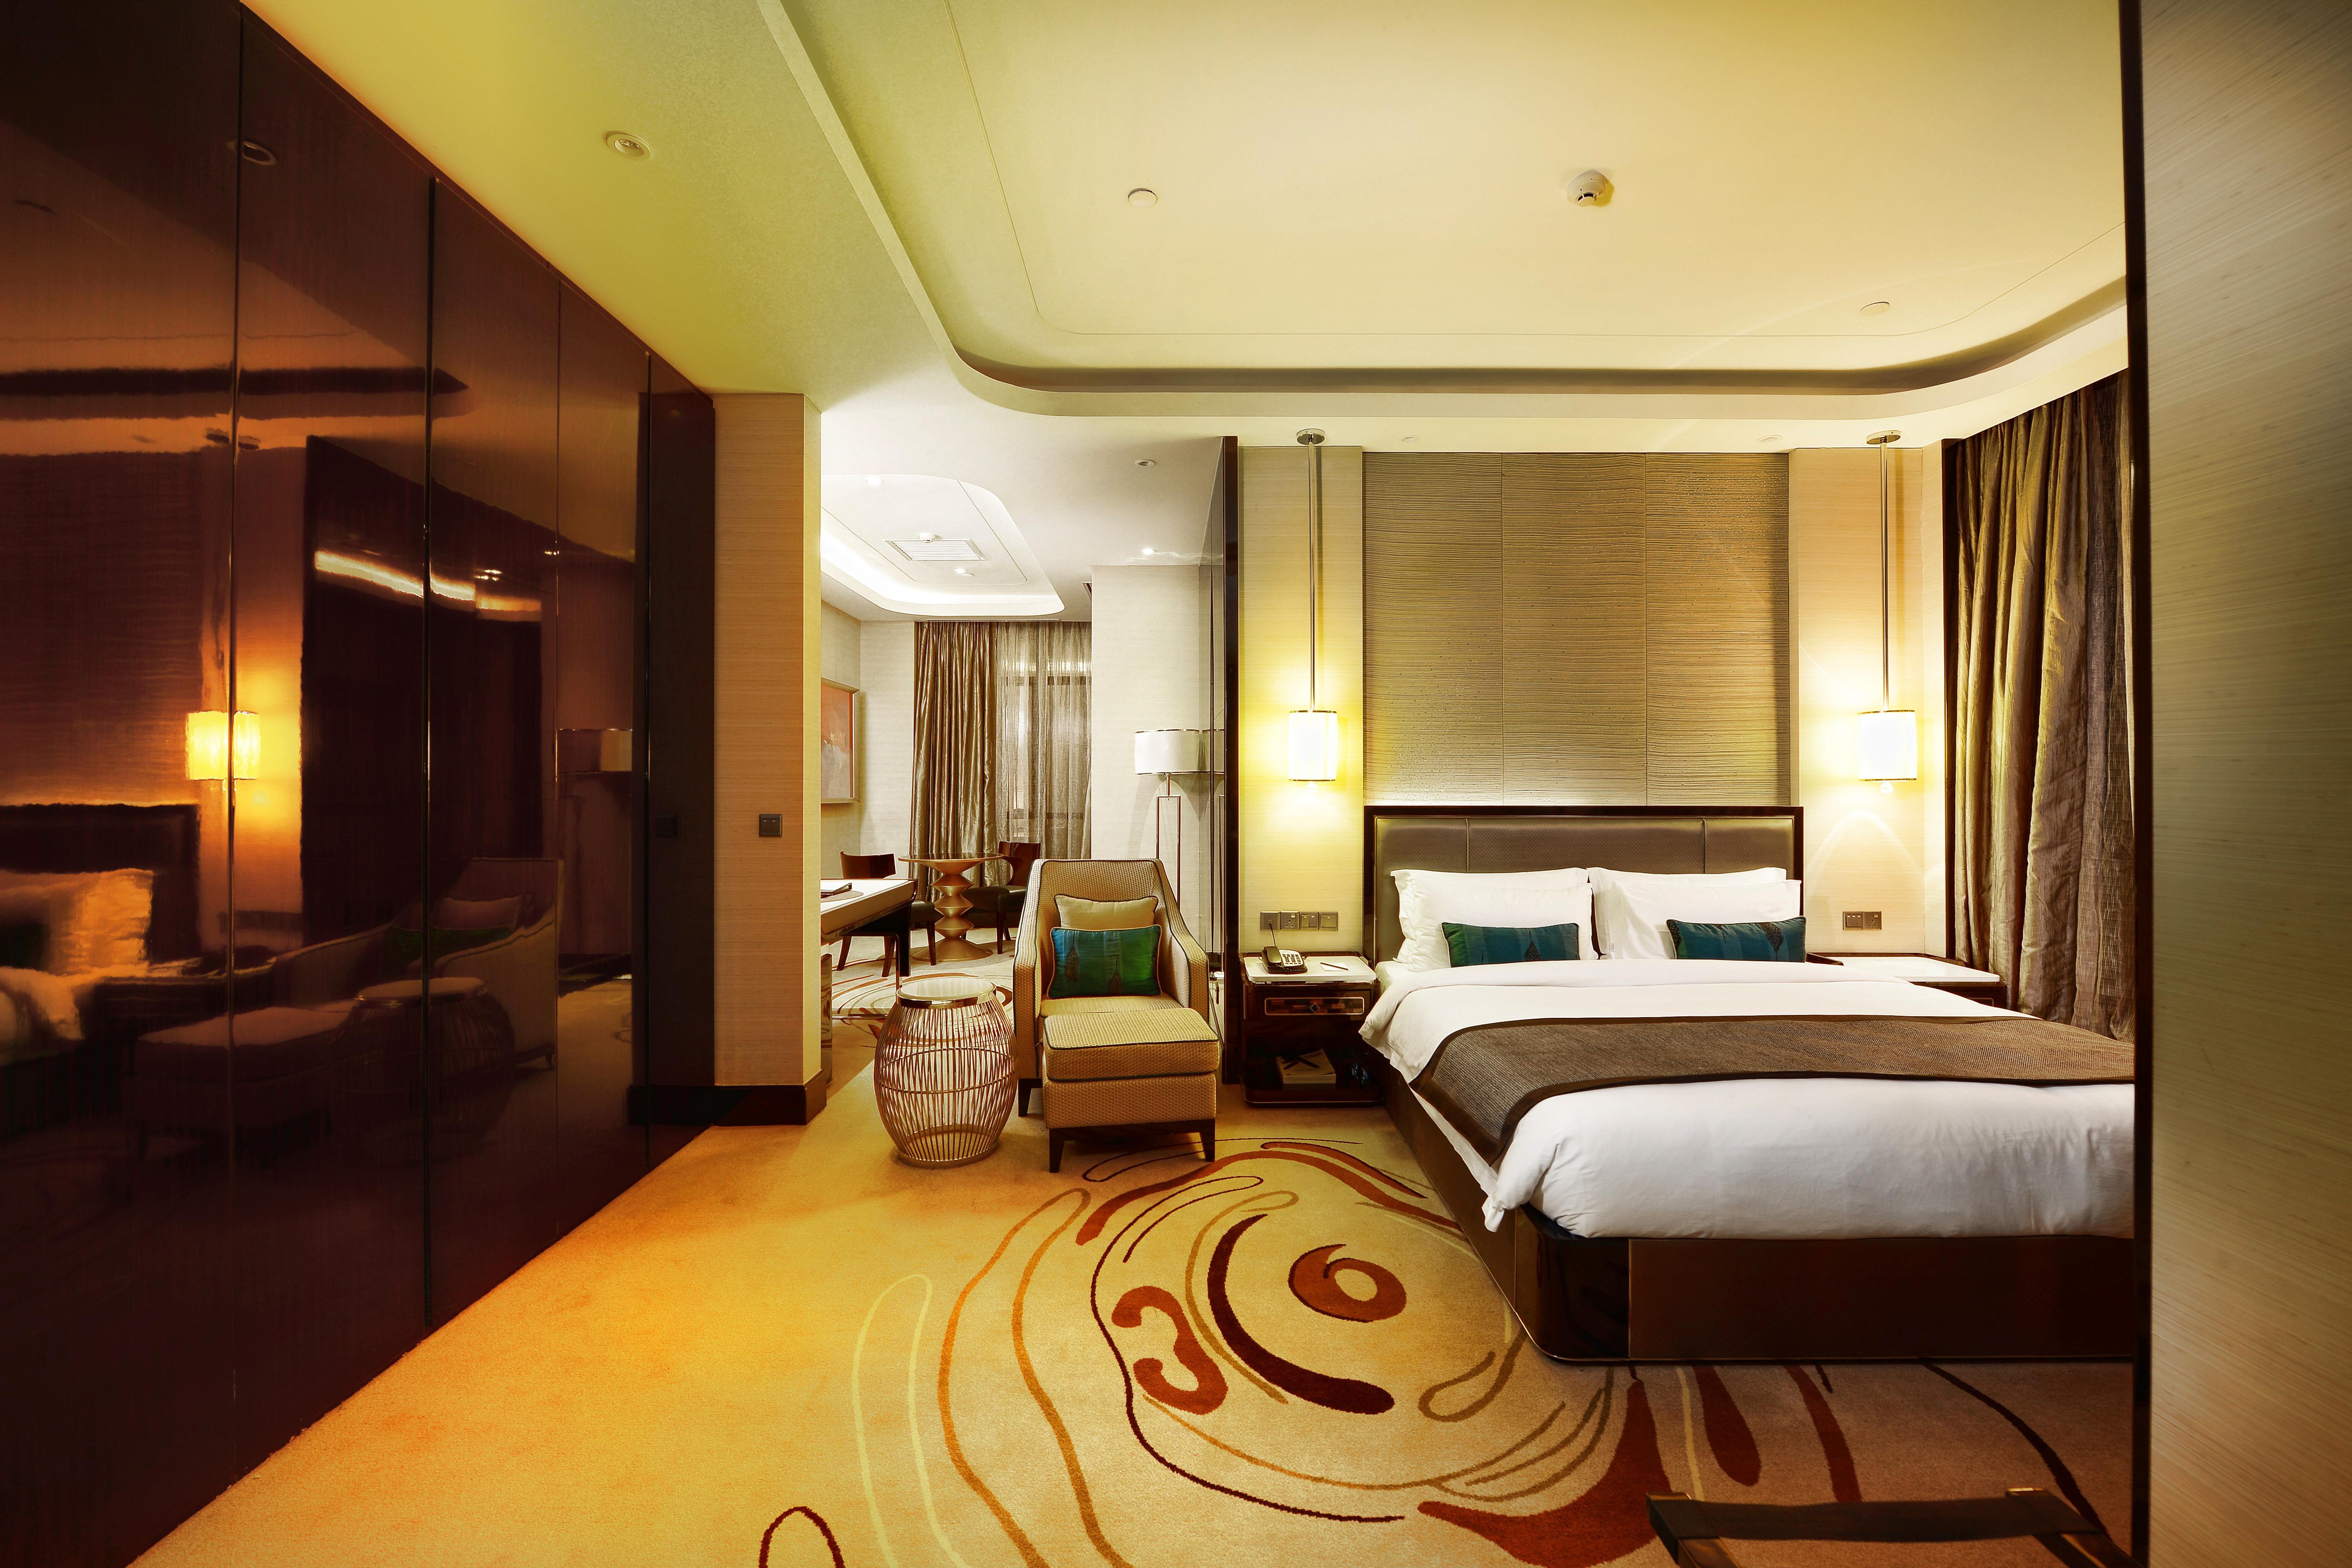 Pacific Regency Hotel Suites en Kuala Lumpur